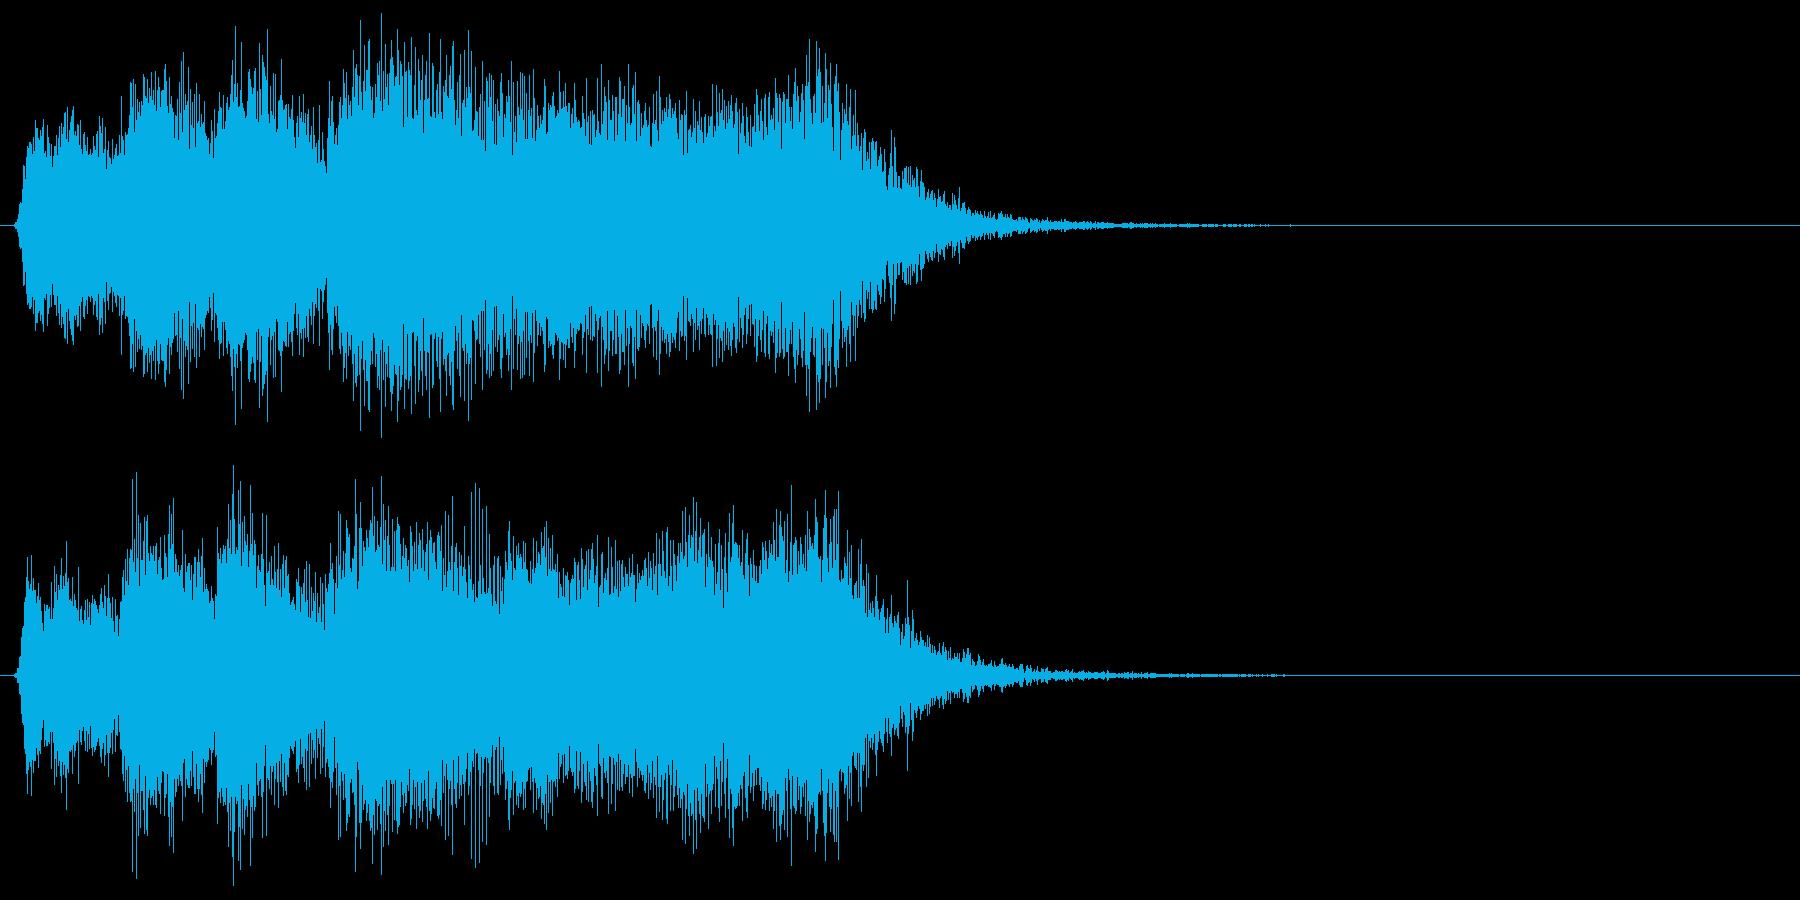 登場!発表!短い金管ファンファーレの再生済みの波形